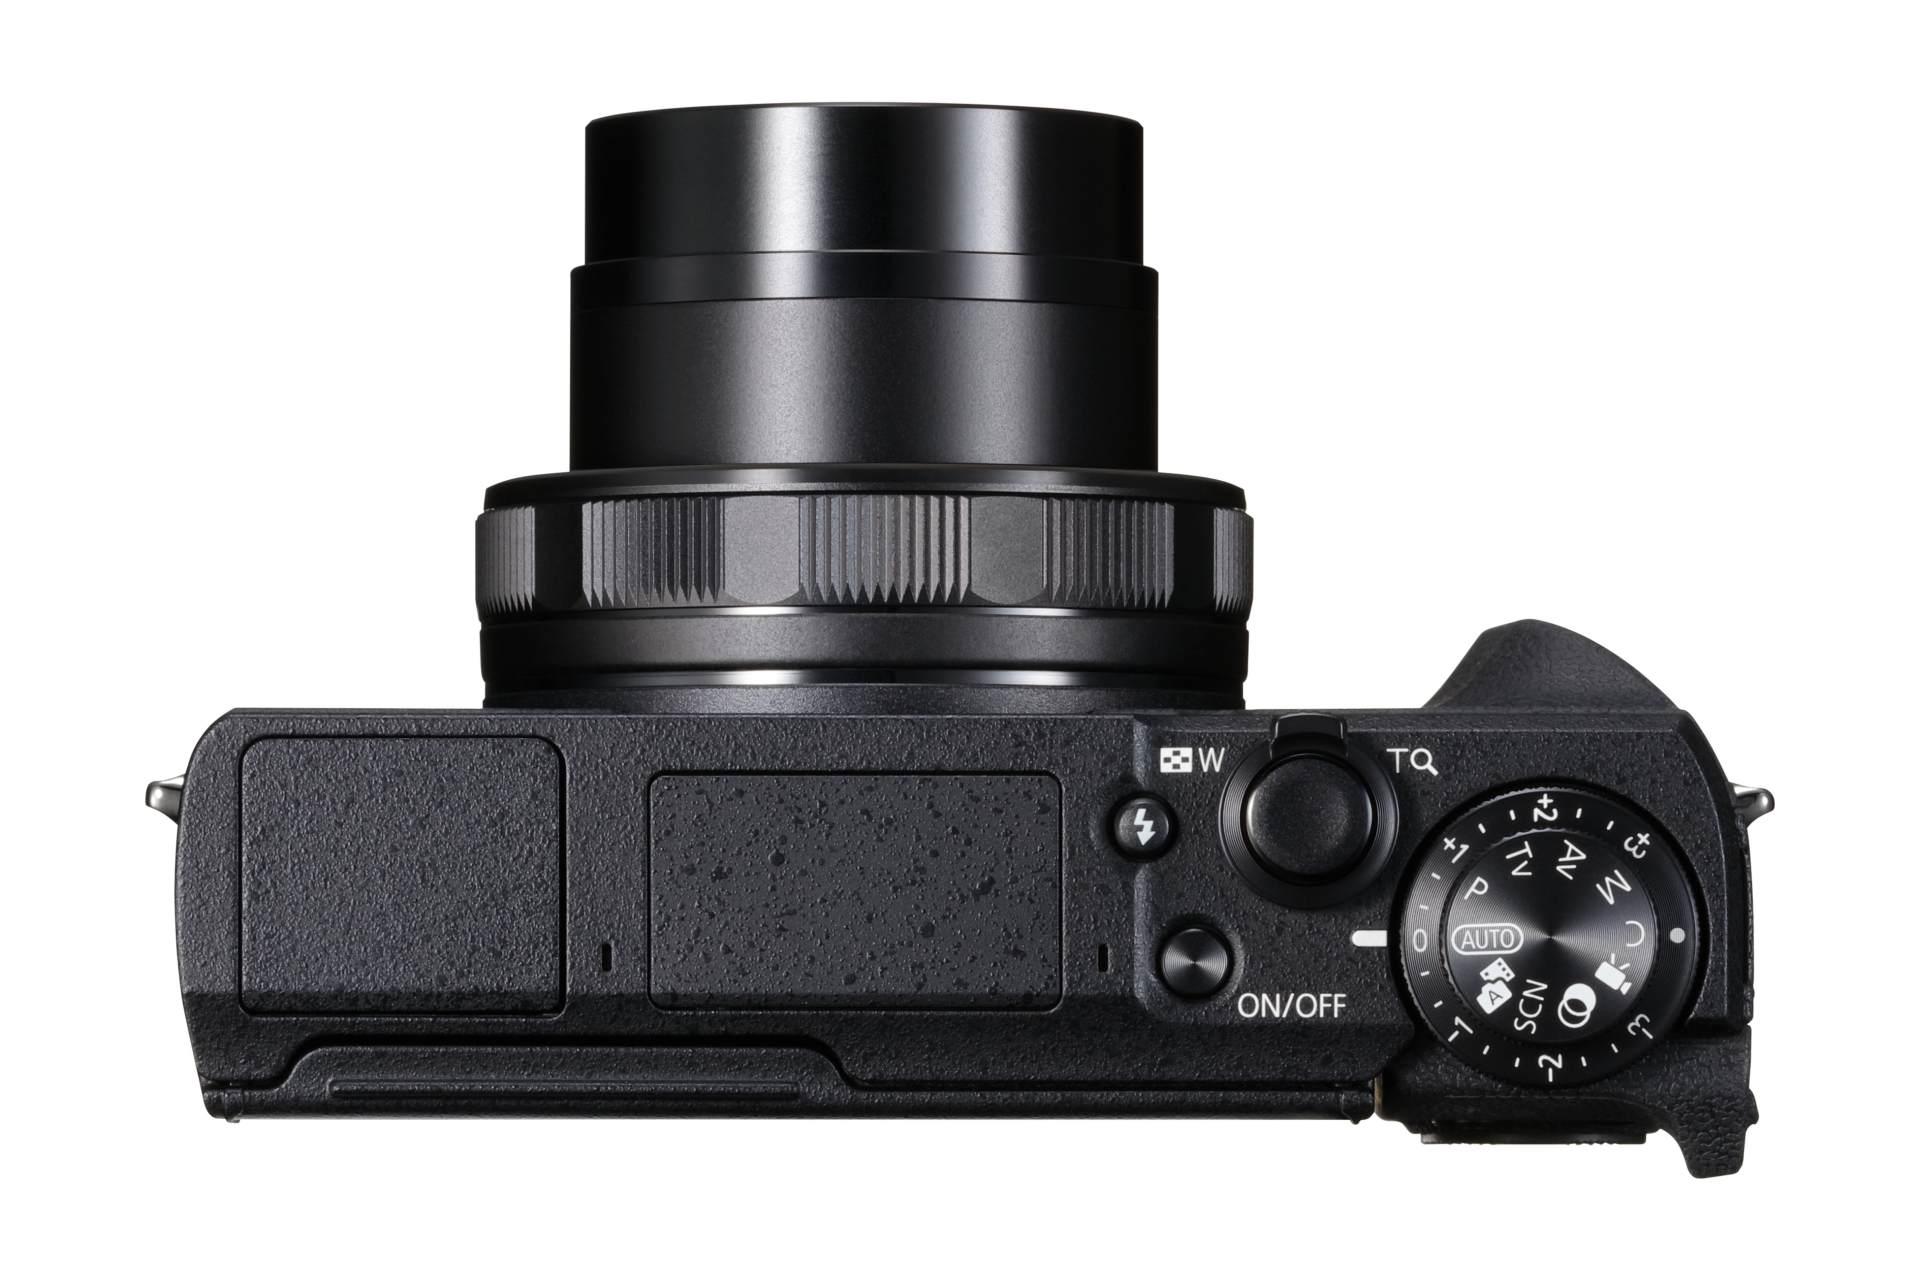 Canon PowerShot G5 X II